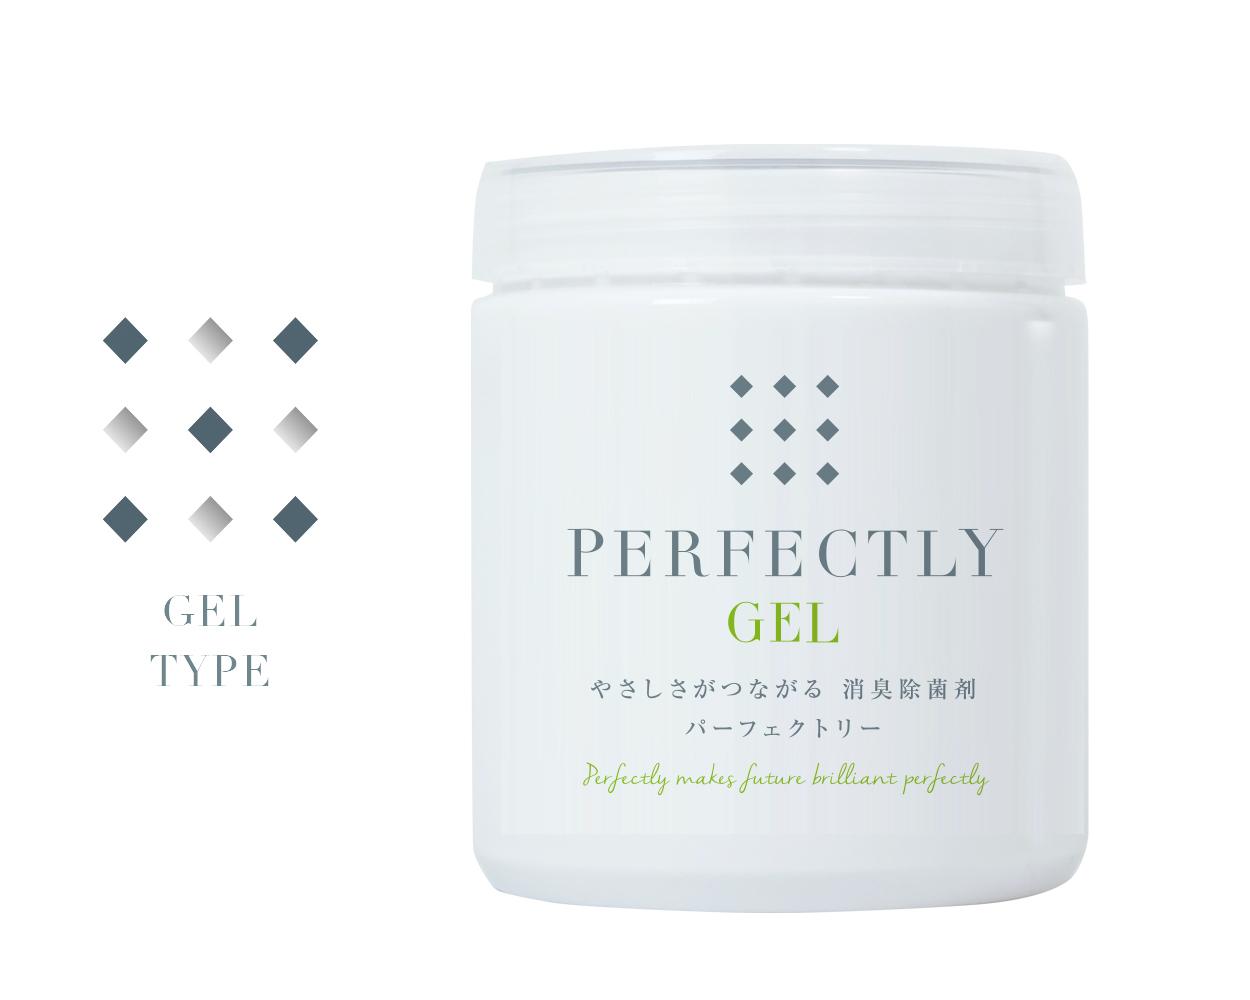 PERFECTLY GEL(200g)